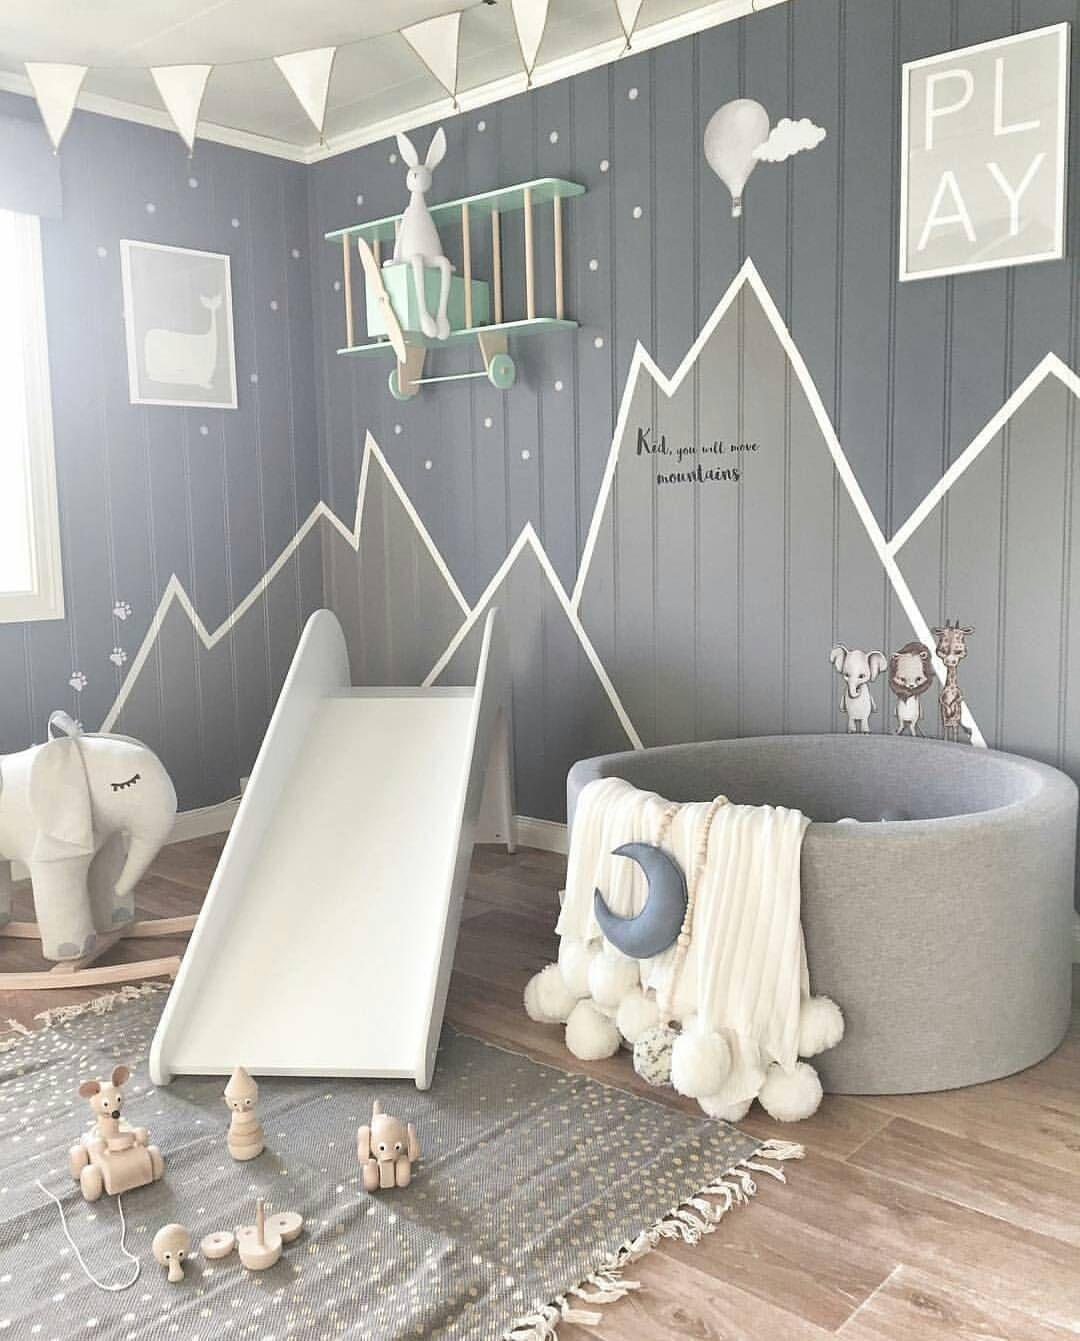 Kinderzimmer mit Rutsche und Bällebad. Schöne Farben